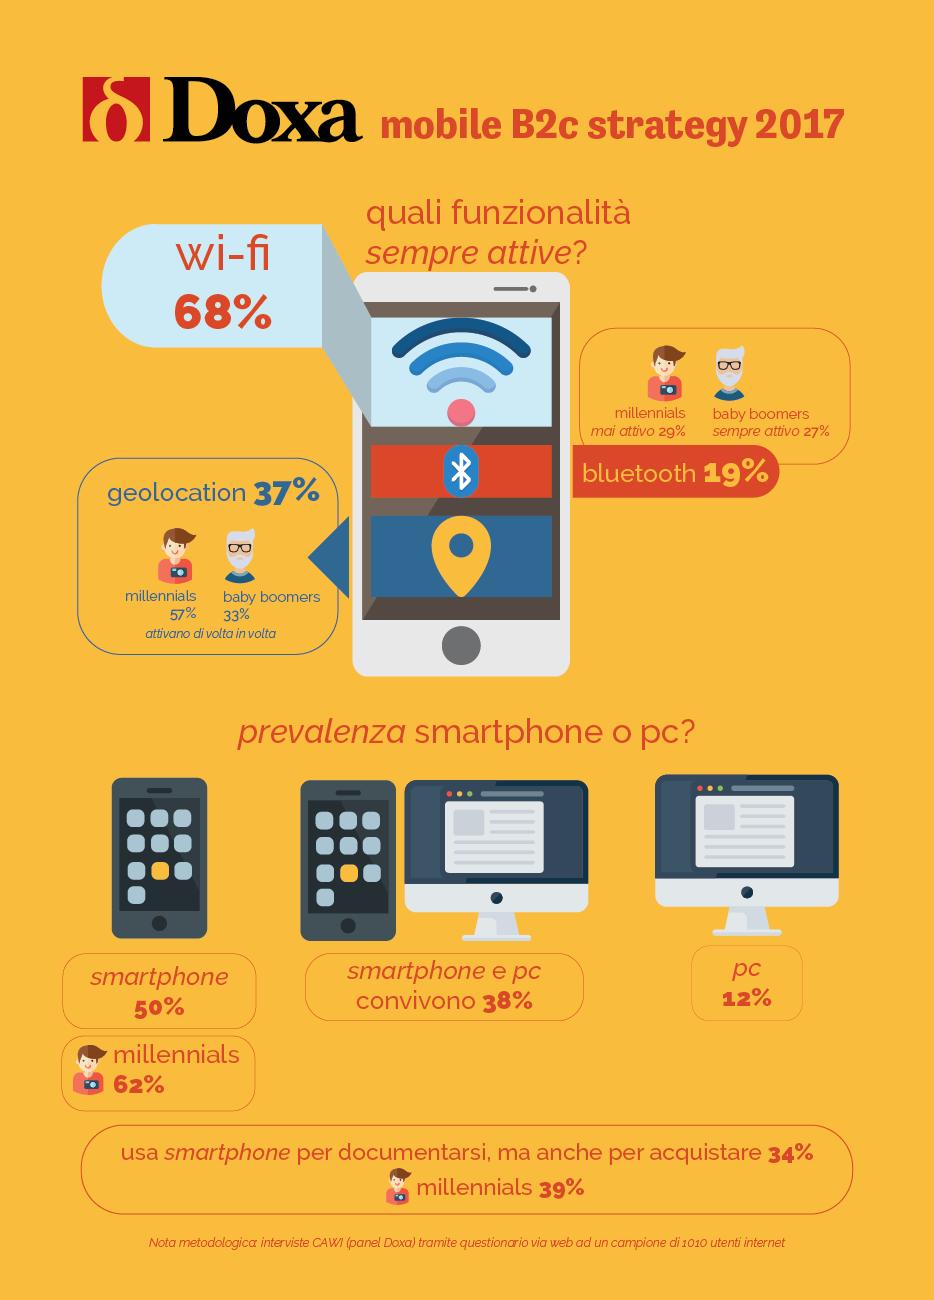 80% degli italiani decide gli acquisti via smartphone